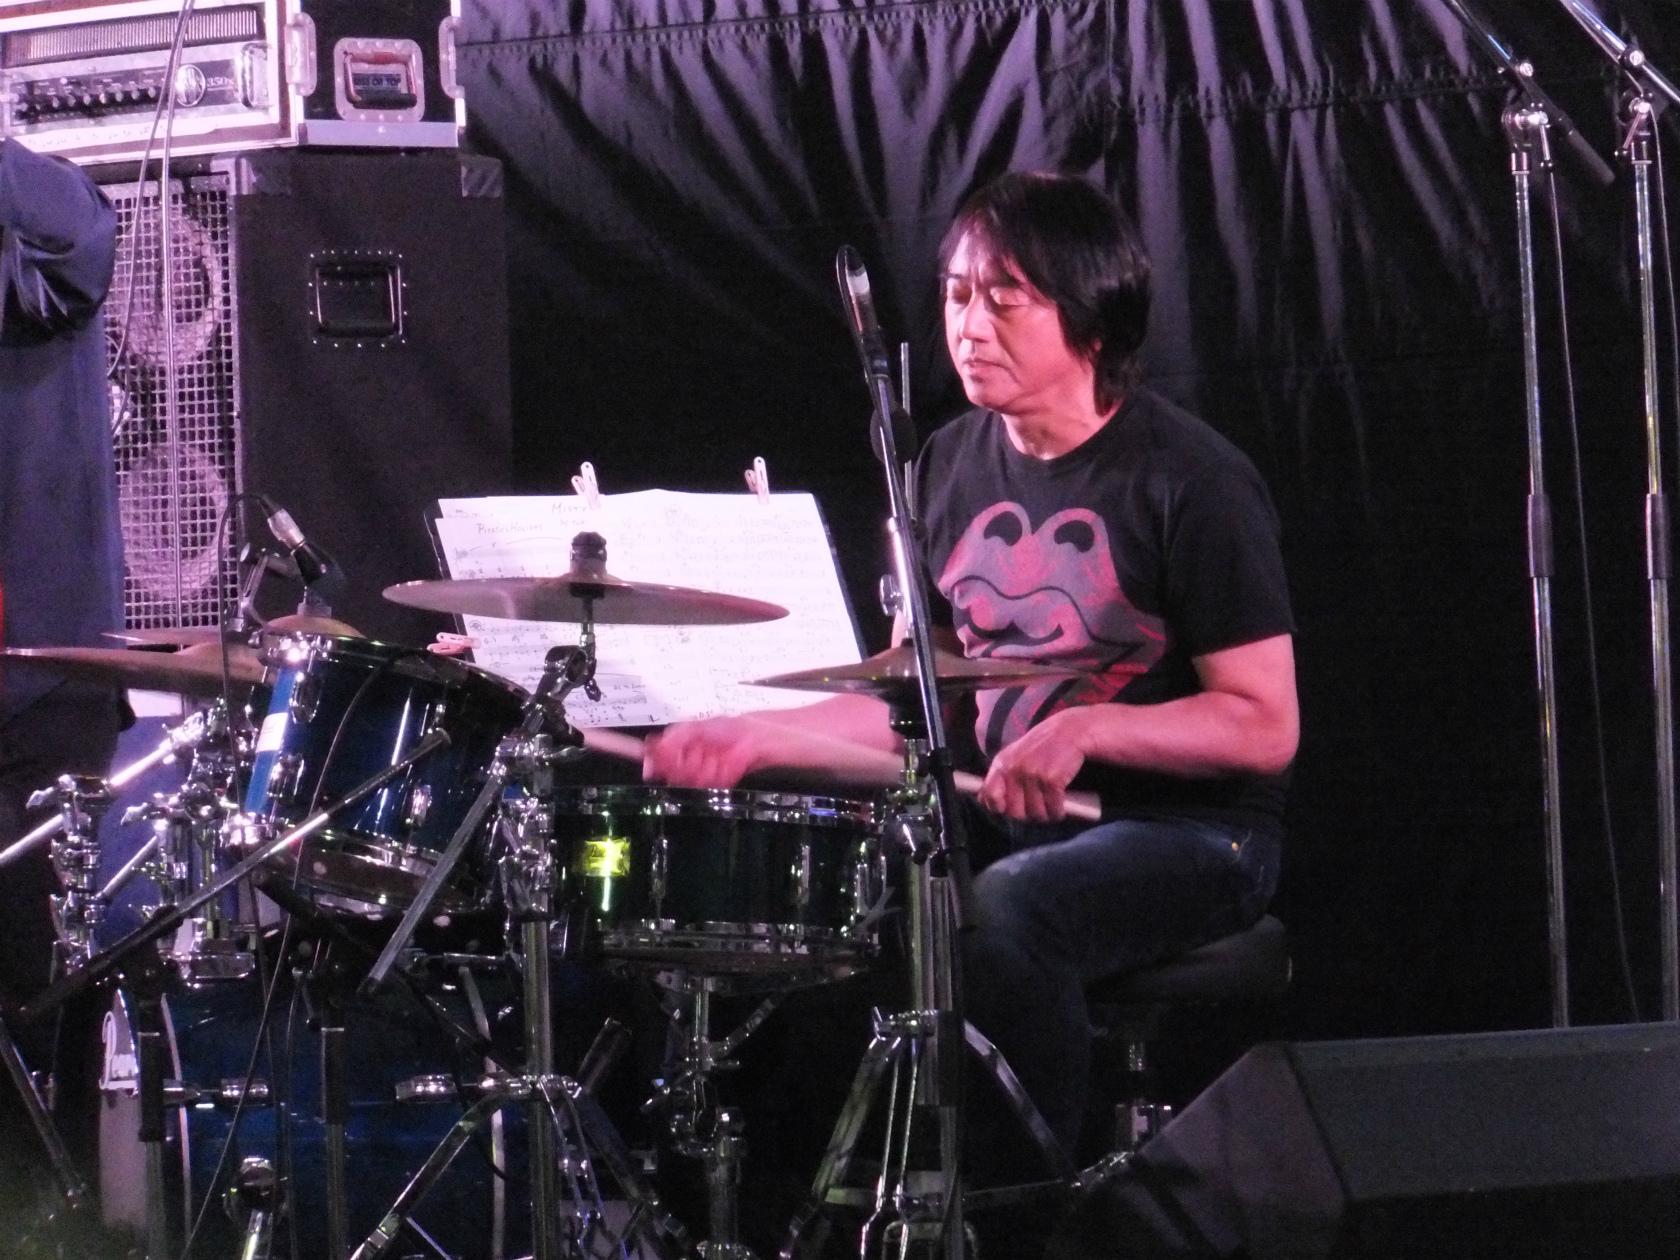 神戸初心者ブログ~神戸てくてく~デコVersion「神戸新開地音楽祭2日目~トリの土岐英史スペシャルプロジェクト、ドラムかっこいい」トラックバックURL